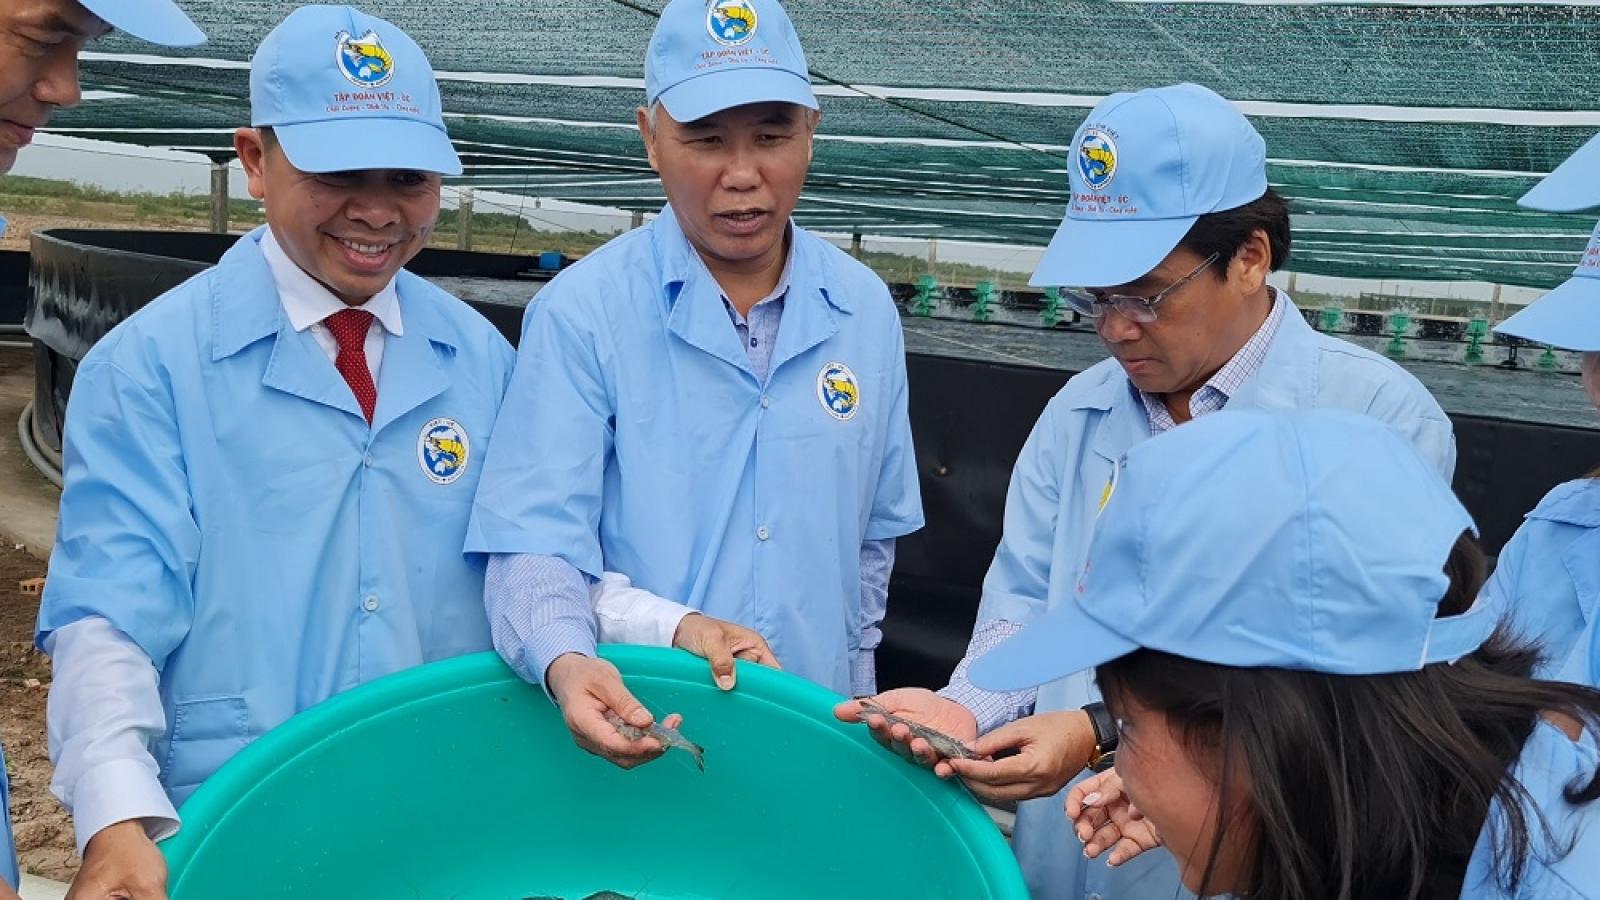 Tuyên truyền để ngư dân nâng cao ý thức đánh bắt trong vùng quy định